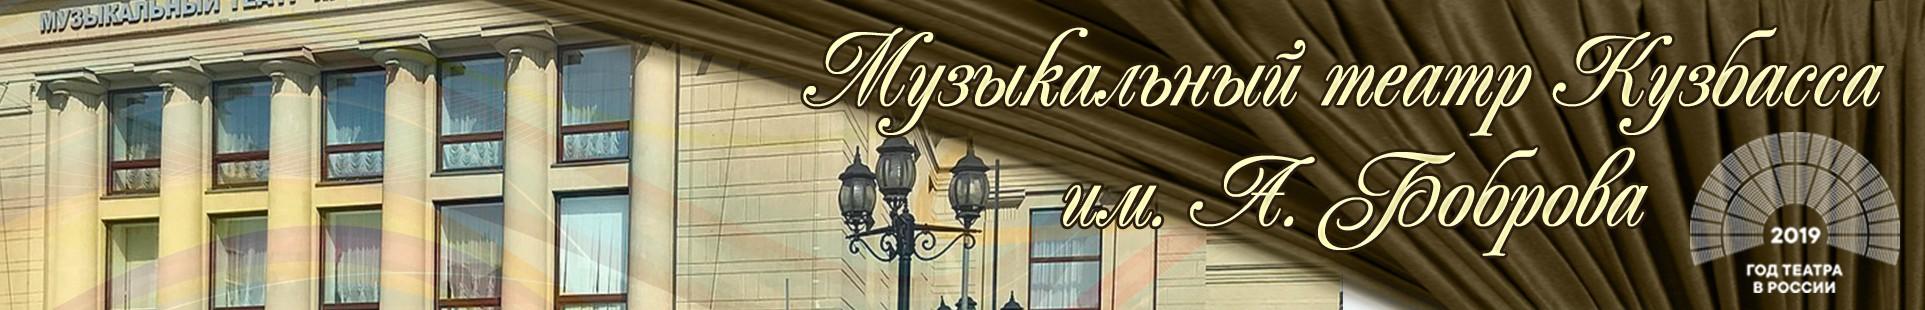 Театры Кузбасса: история и современность